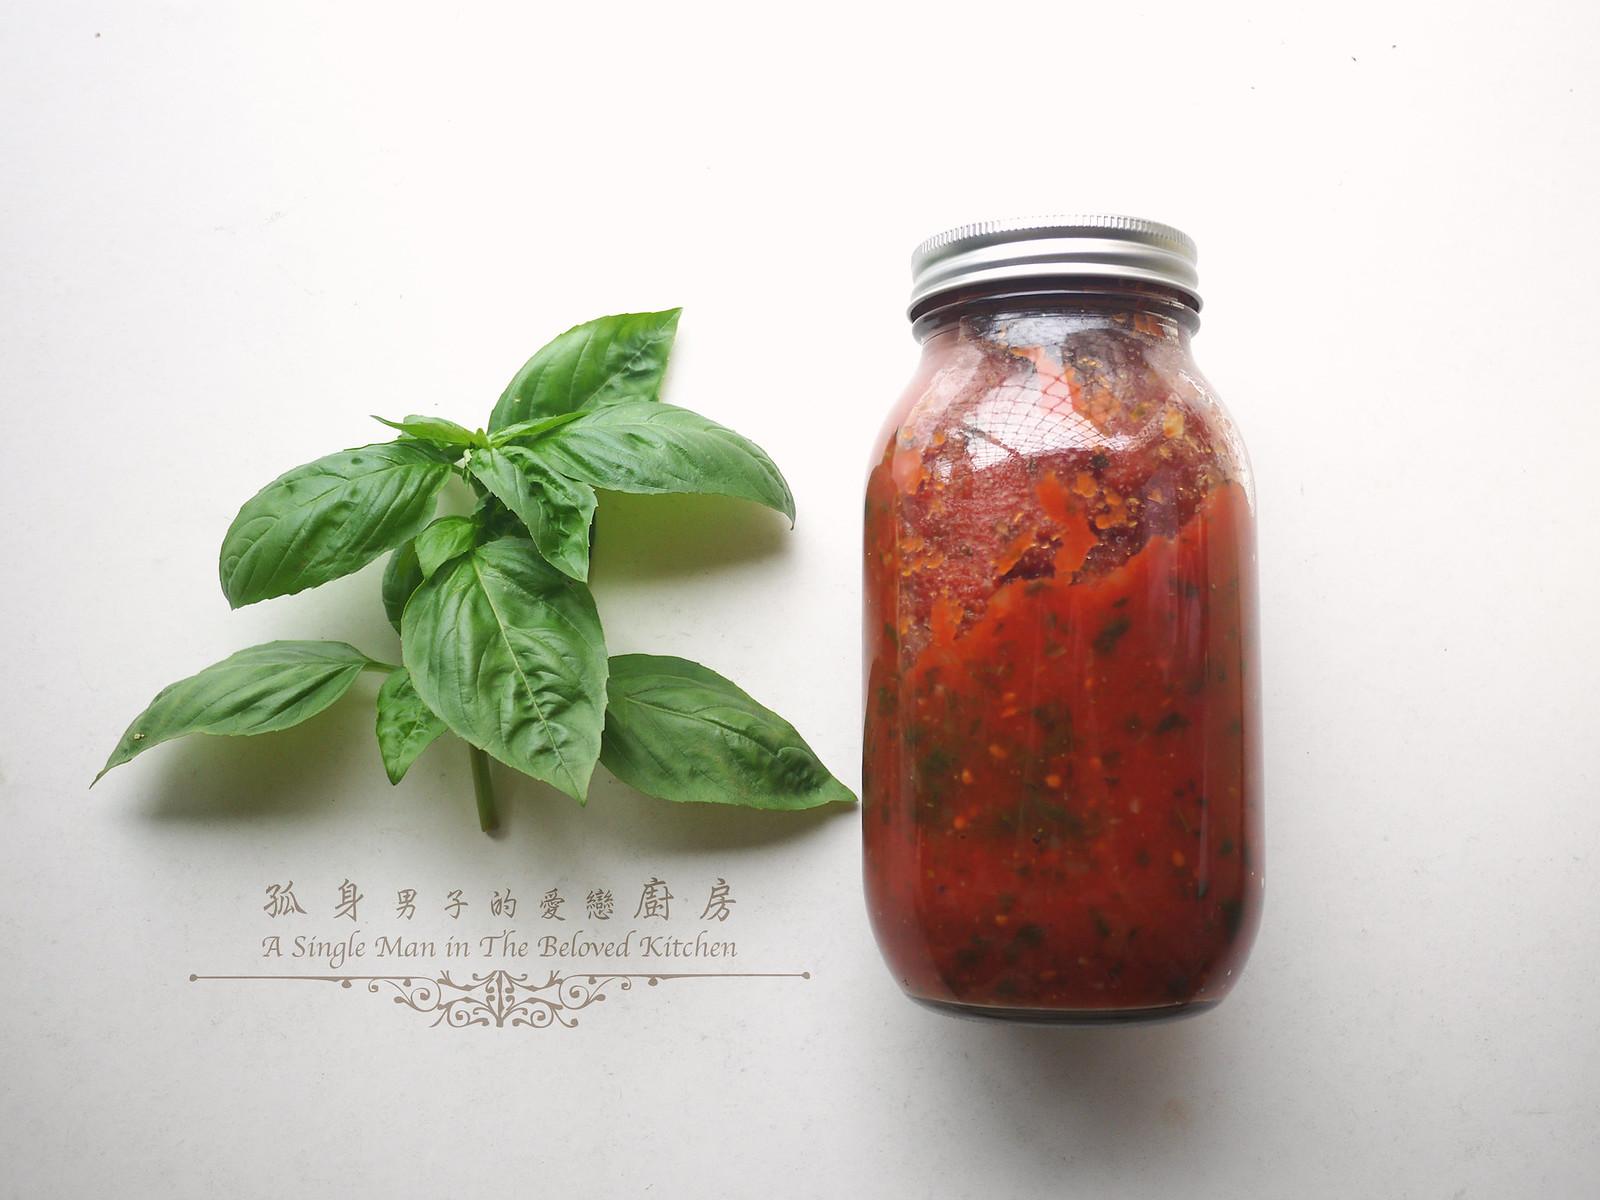 孤身廚房-義大利茄汁紅醬罐頭--自己的紅醬罐頭自己做。不求人32